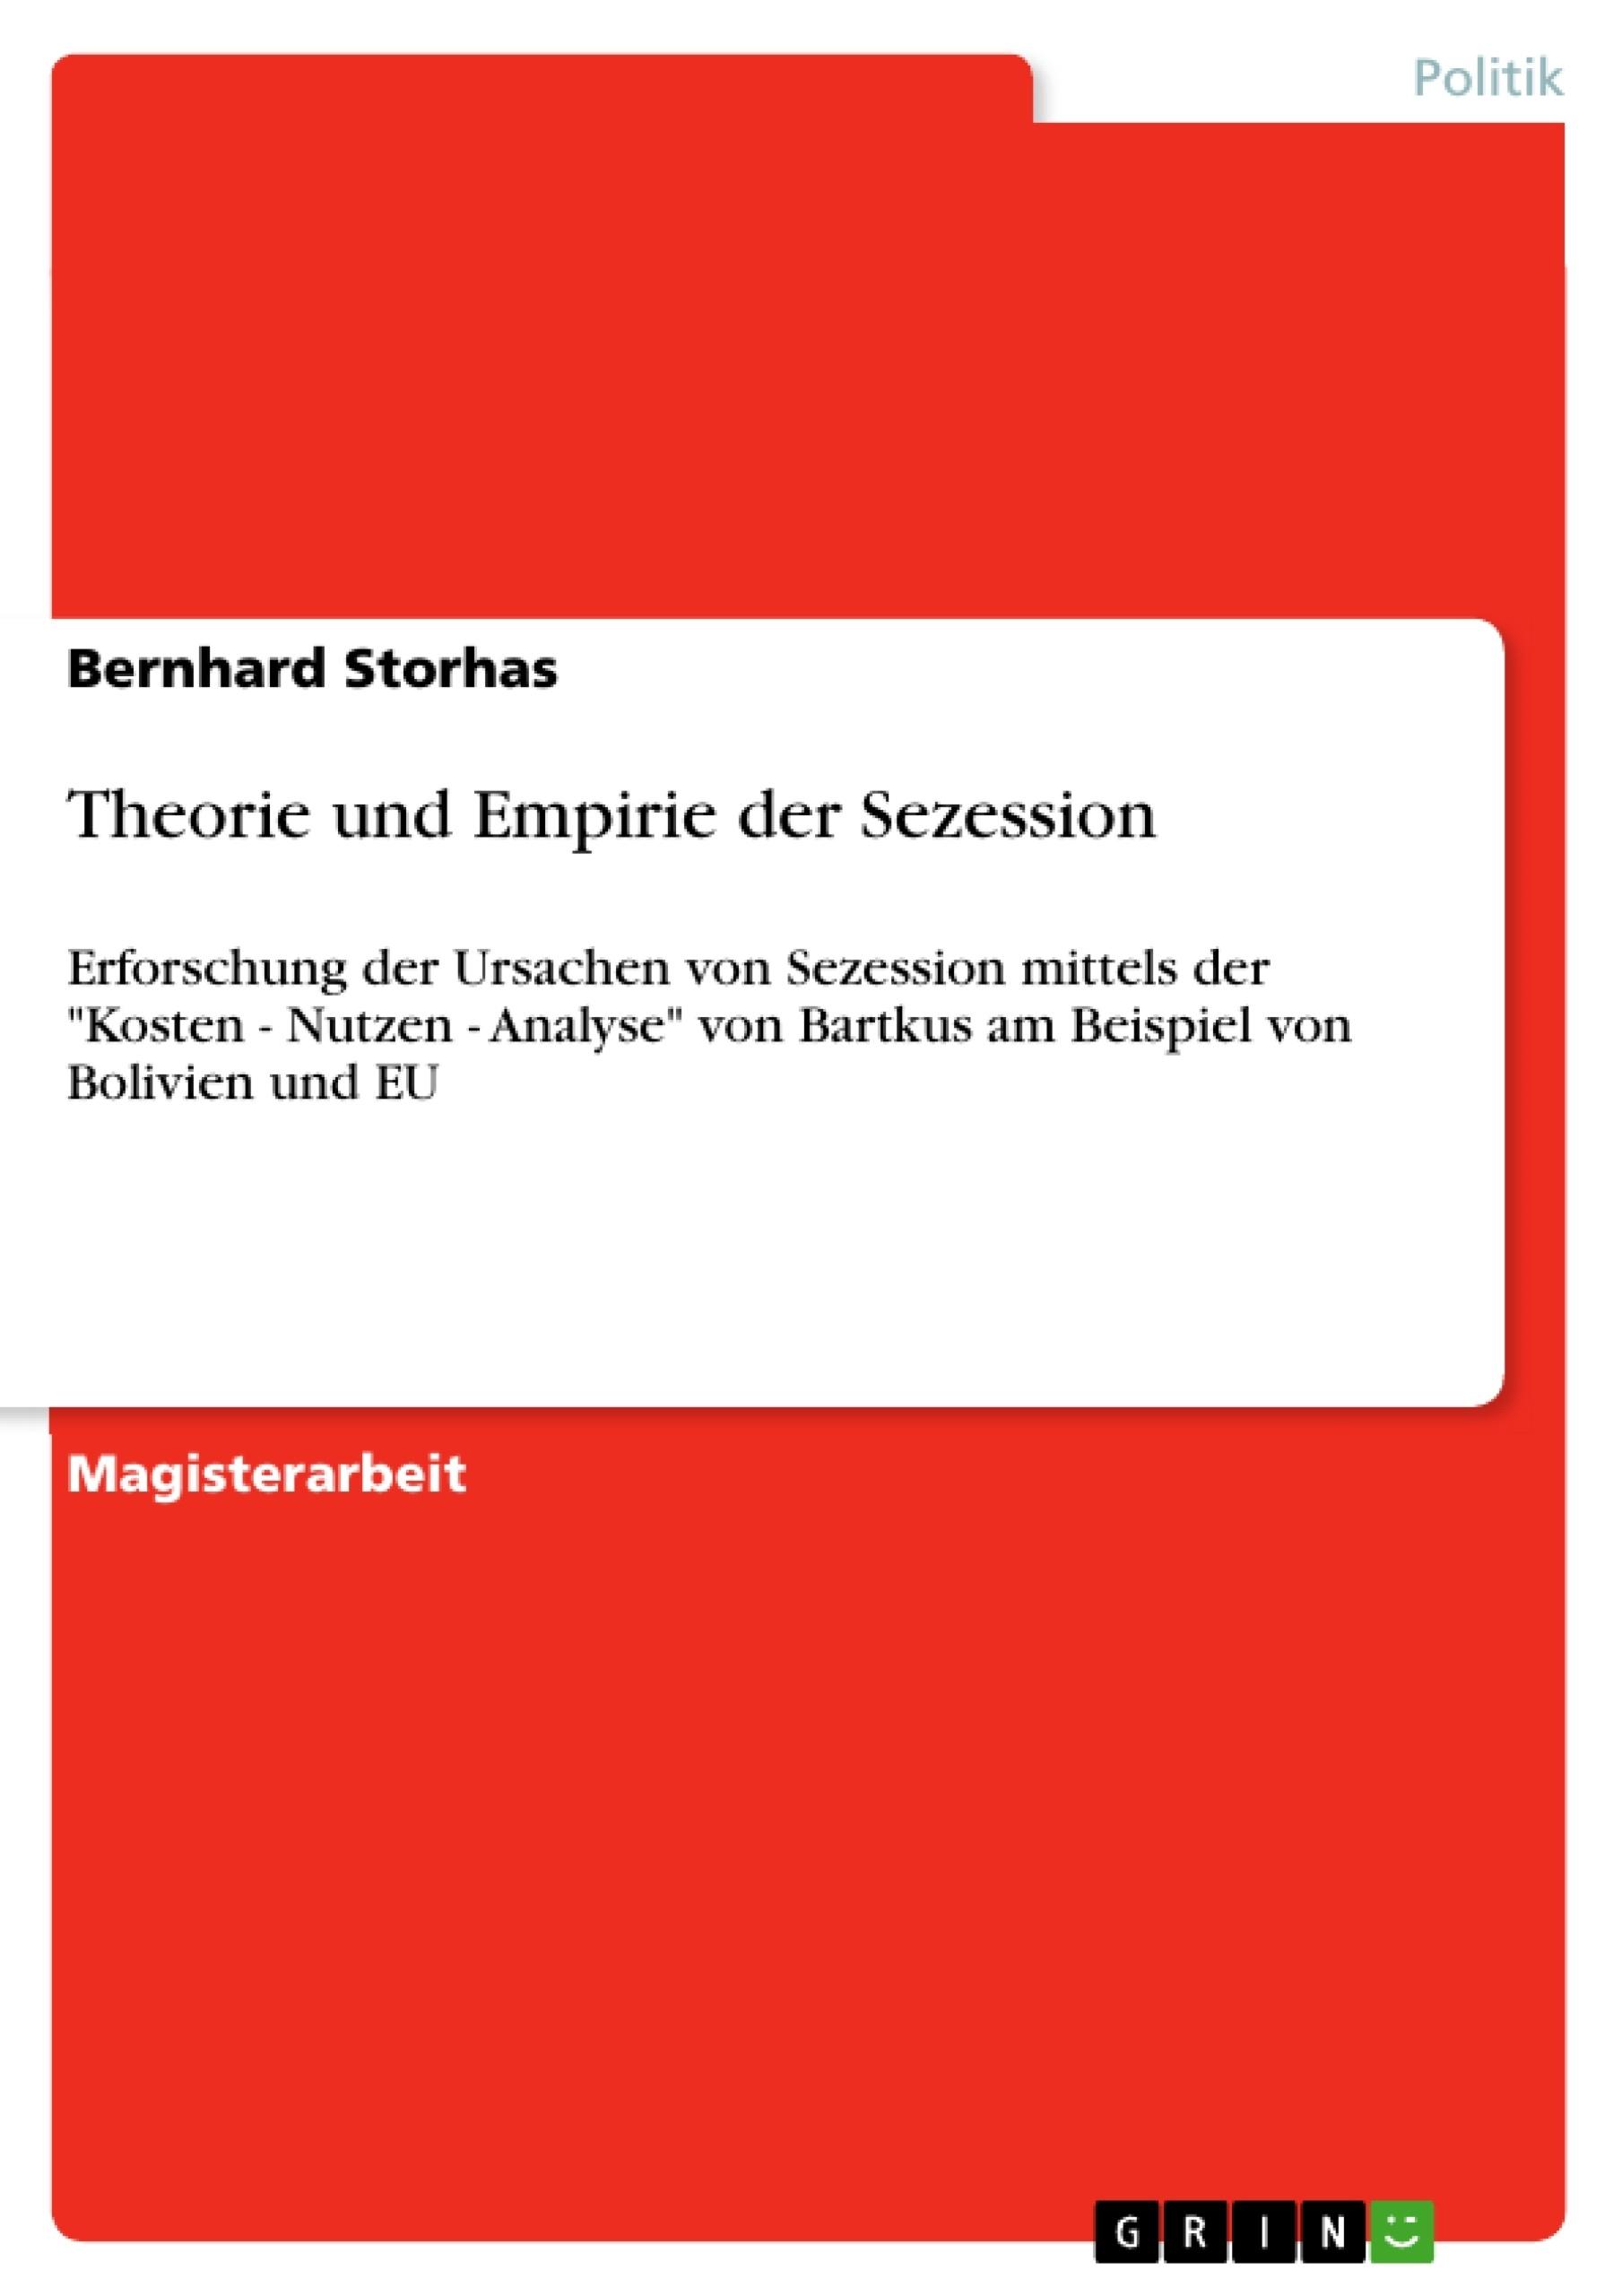 Titel: Theorie und Empirie der Sezession